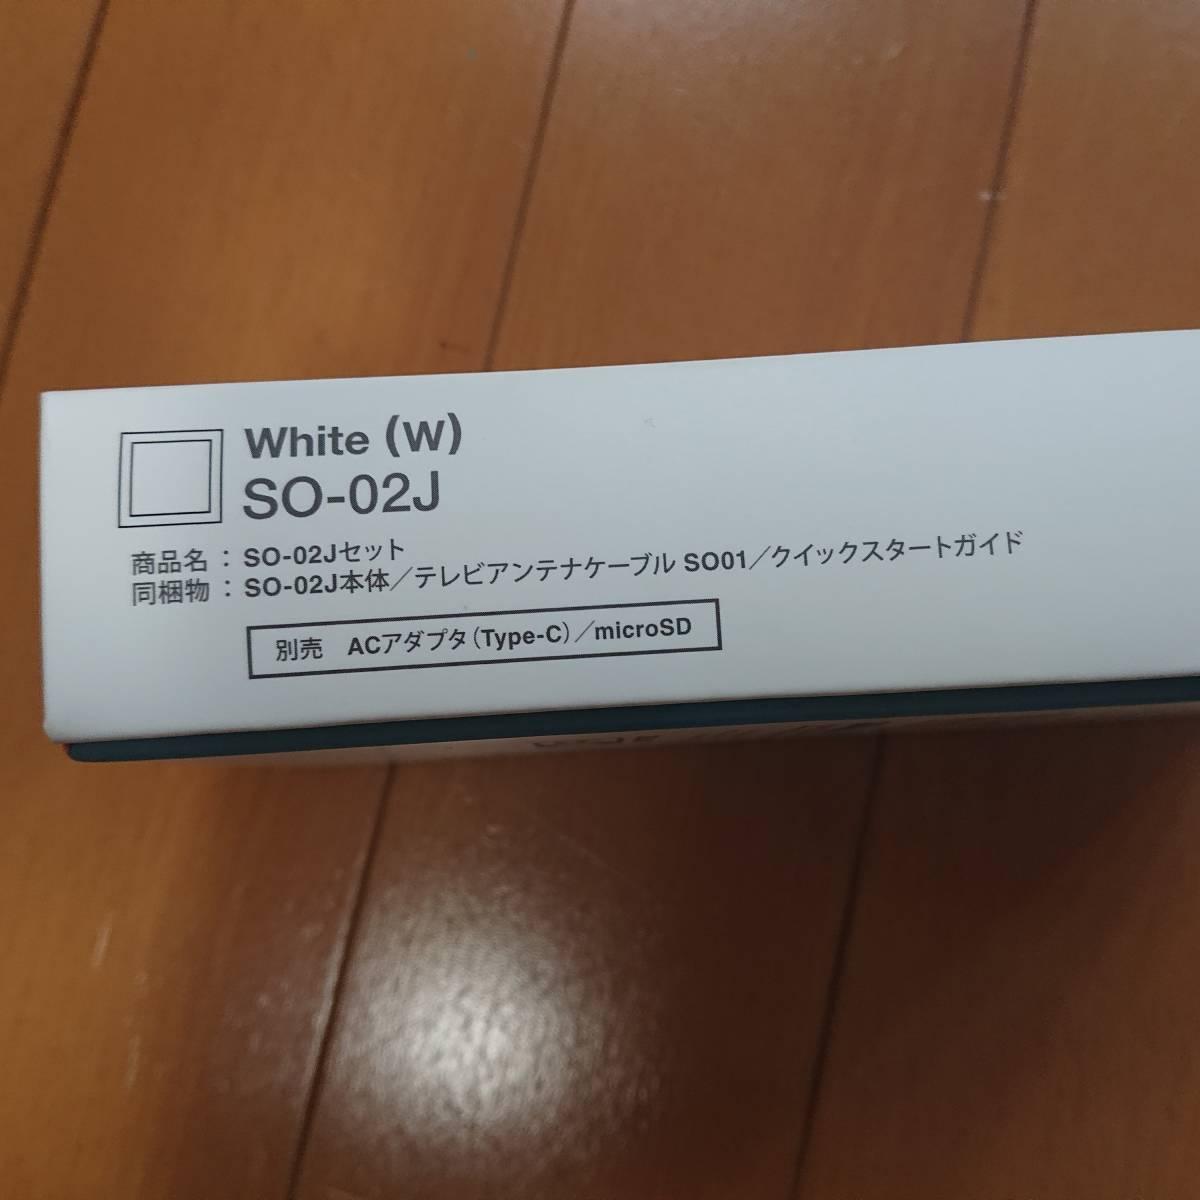 美品☆ Xperia X Compact SO-02J ホワイト_画像4